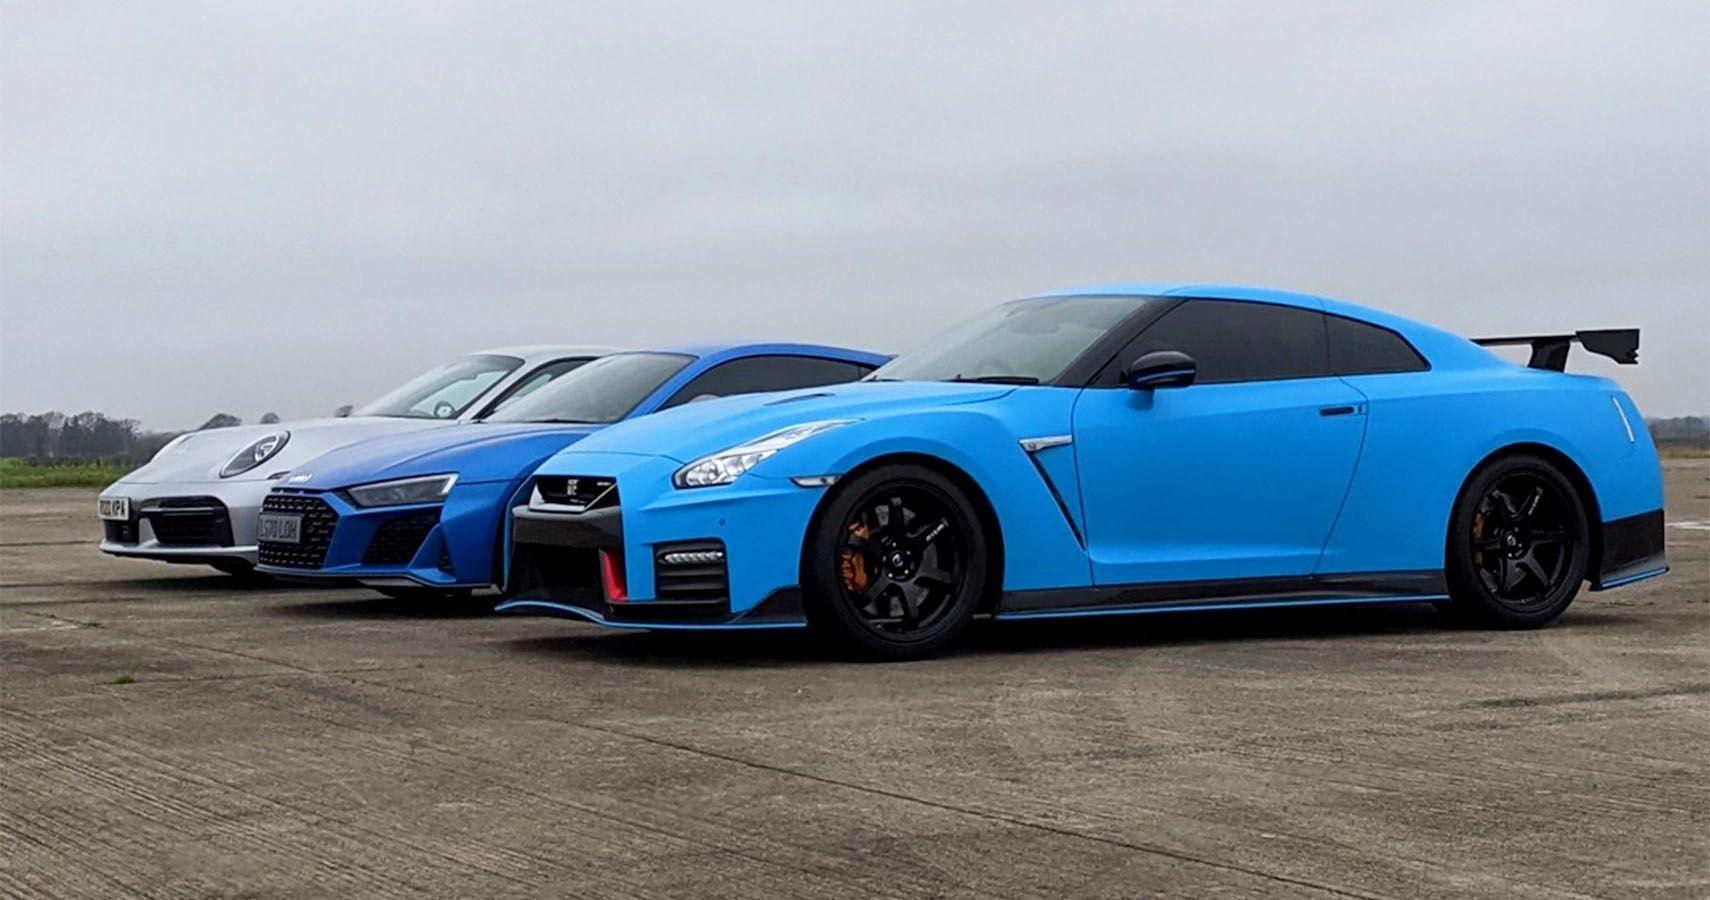 AWD Drag Race: New Nismo GT-R Vs Audi R8 V10 Vs Porsche 911 Turbo S